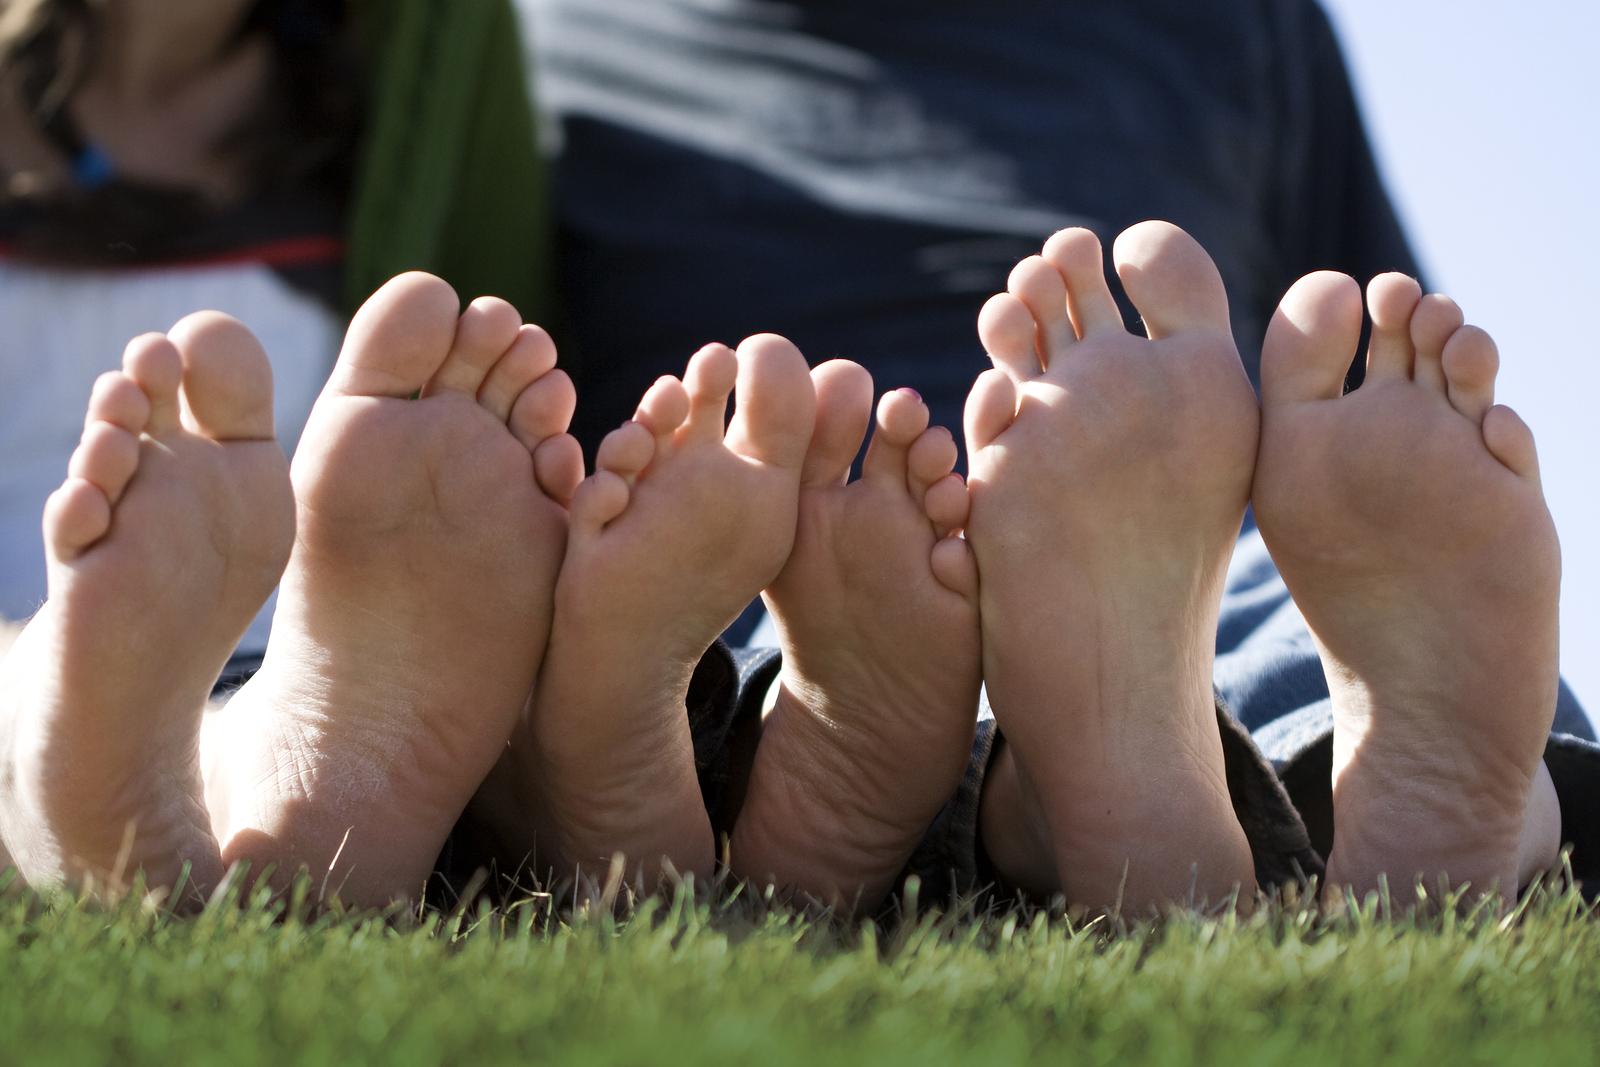 row of clean feet